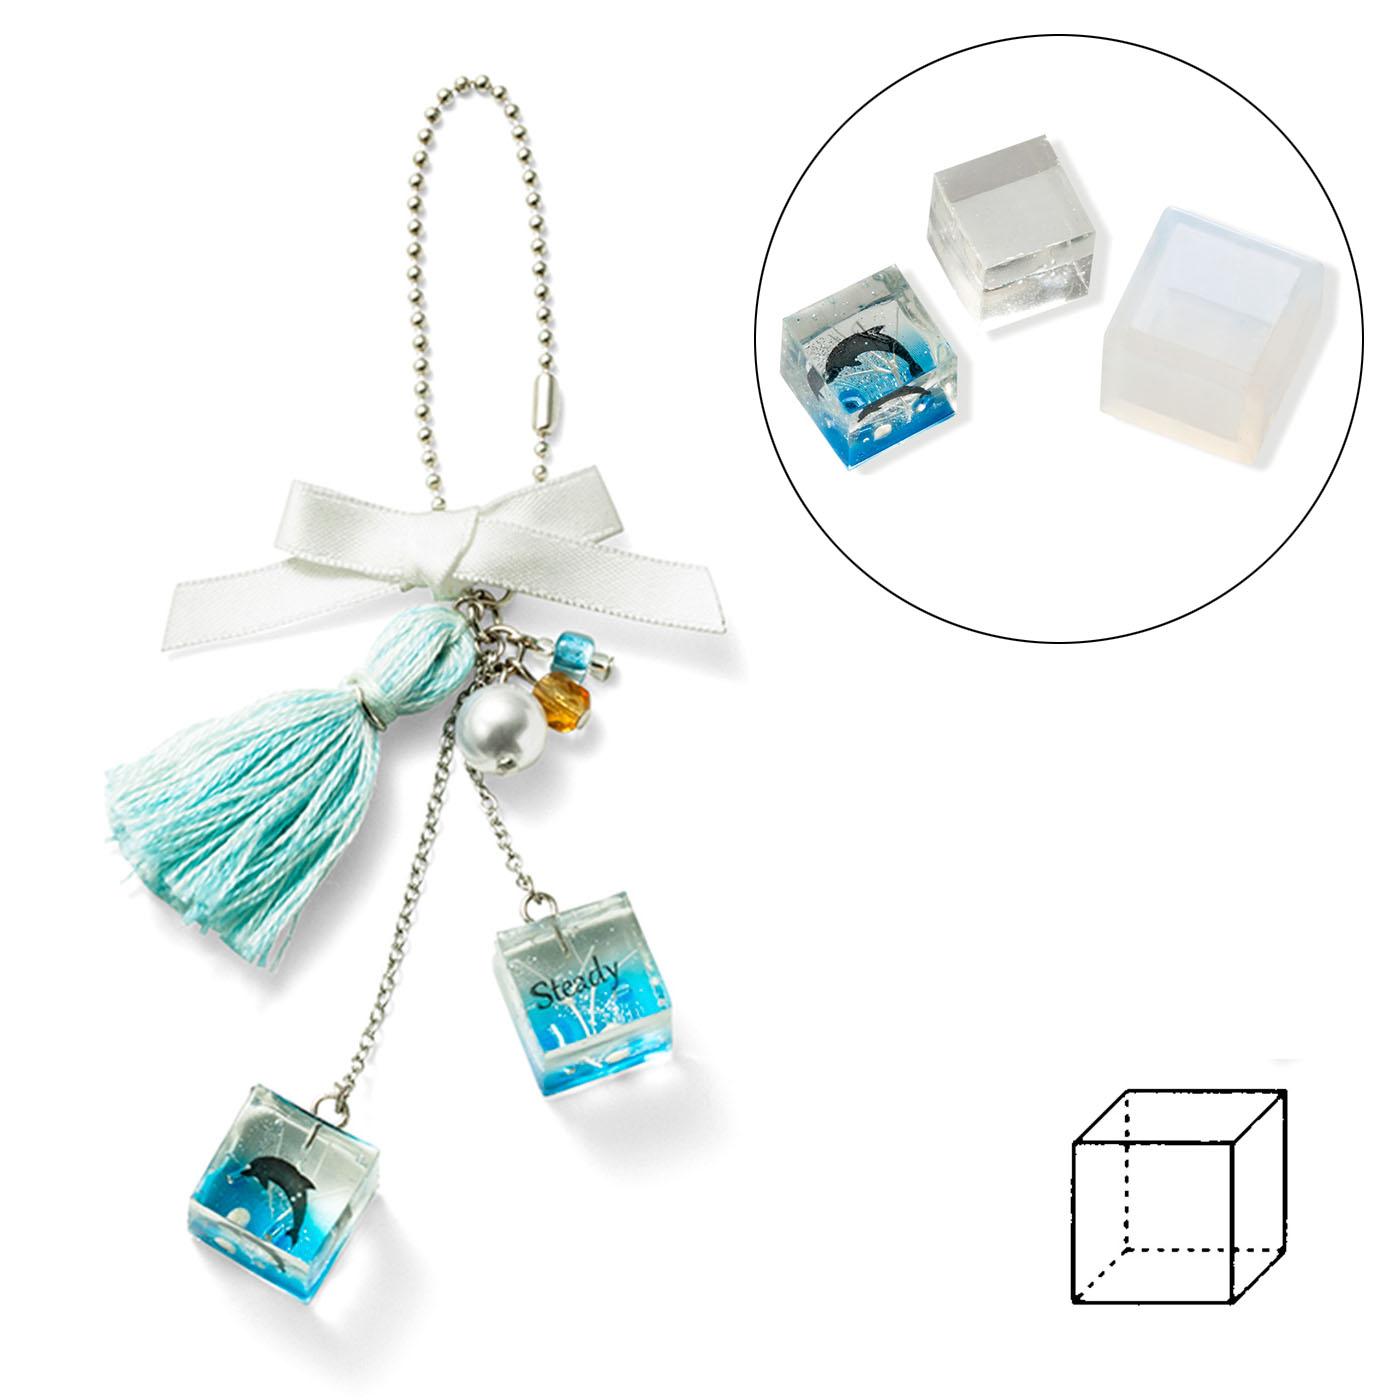 cube〈立方体〉